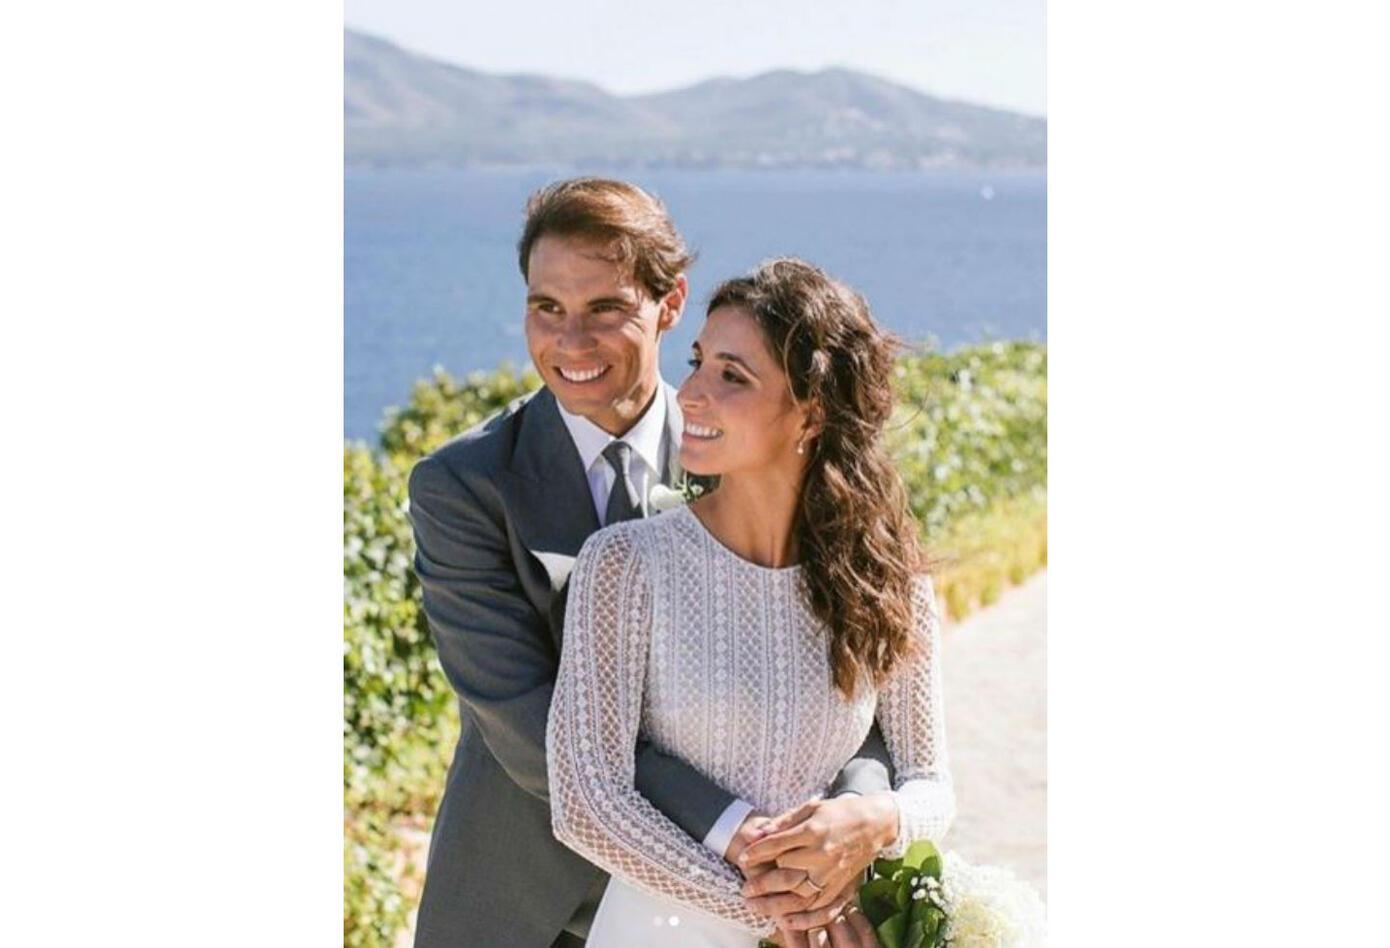 boda de Rafael Nadal y Mery Perelló